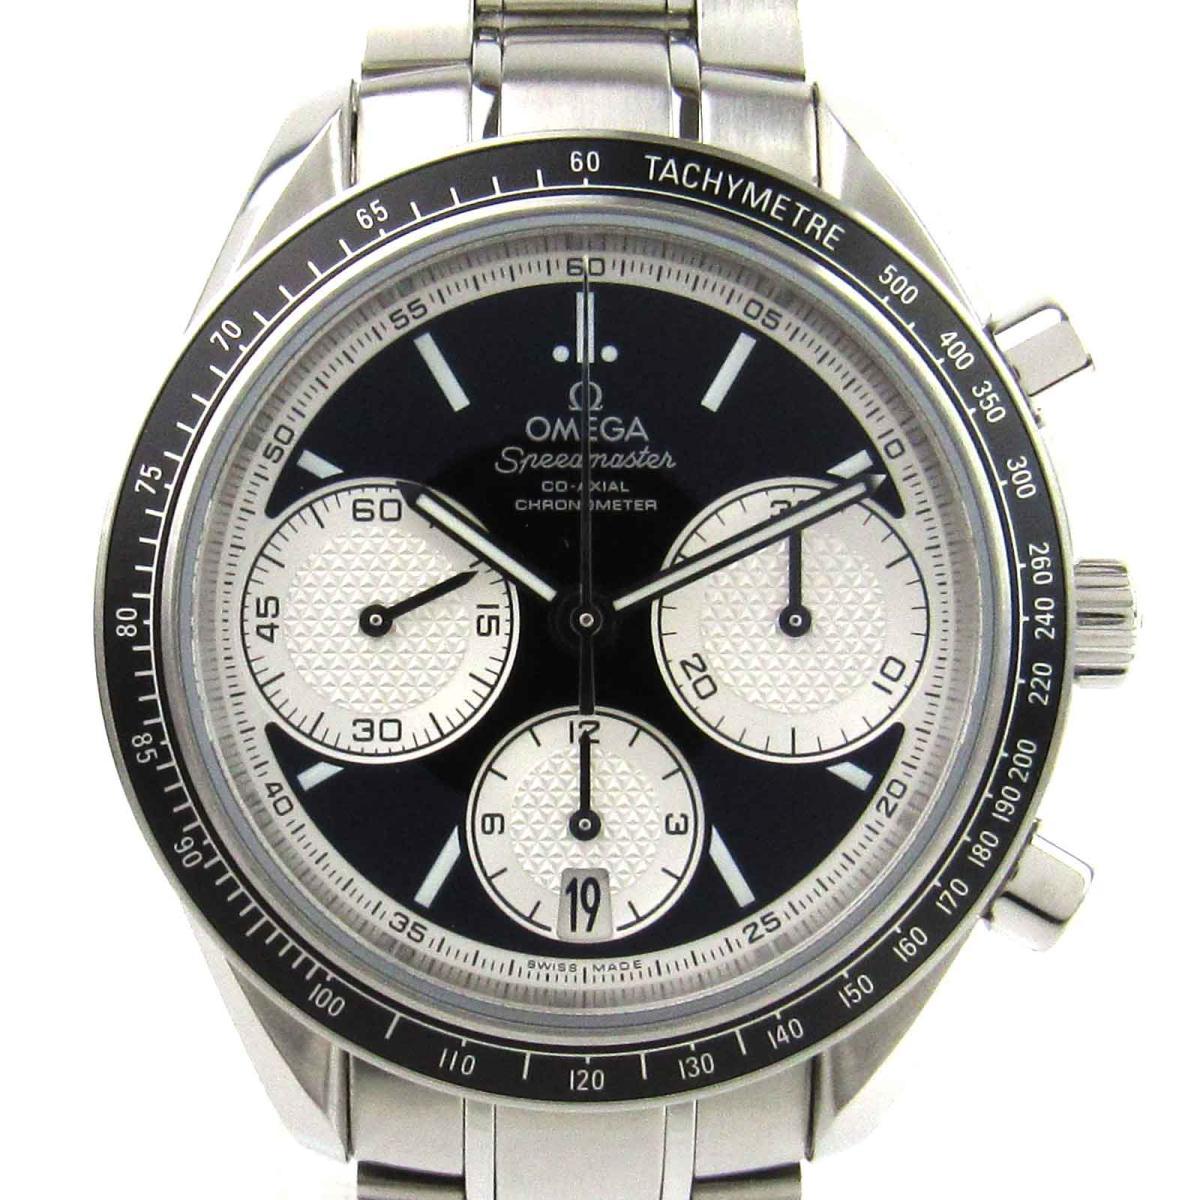 【中古】 オメガ スピードマスター レーシング ウォッチ 腕時計 メンズ ステンレススチール (SS) (326.30.40.50.01.002)   OMEGA BRANDOFF ブランドオフ ブランド ブランド時計 ブランド腕時計 時計